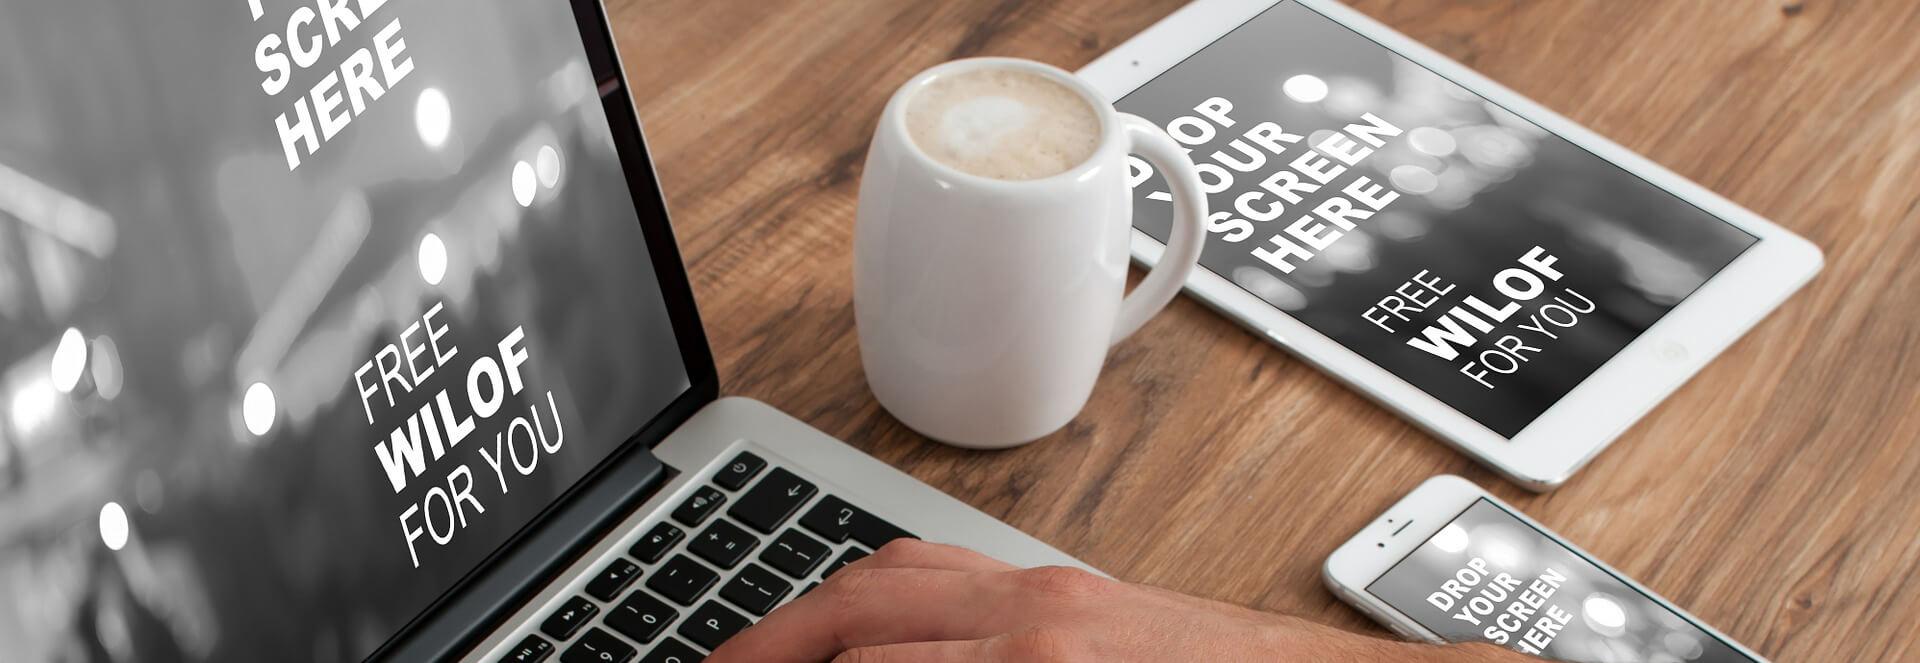 Find billigt og godt webhotel til din hjemmeside